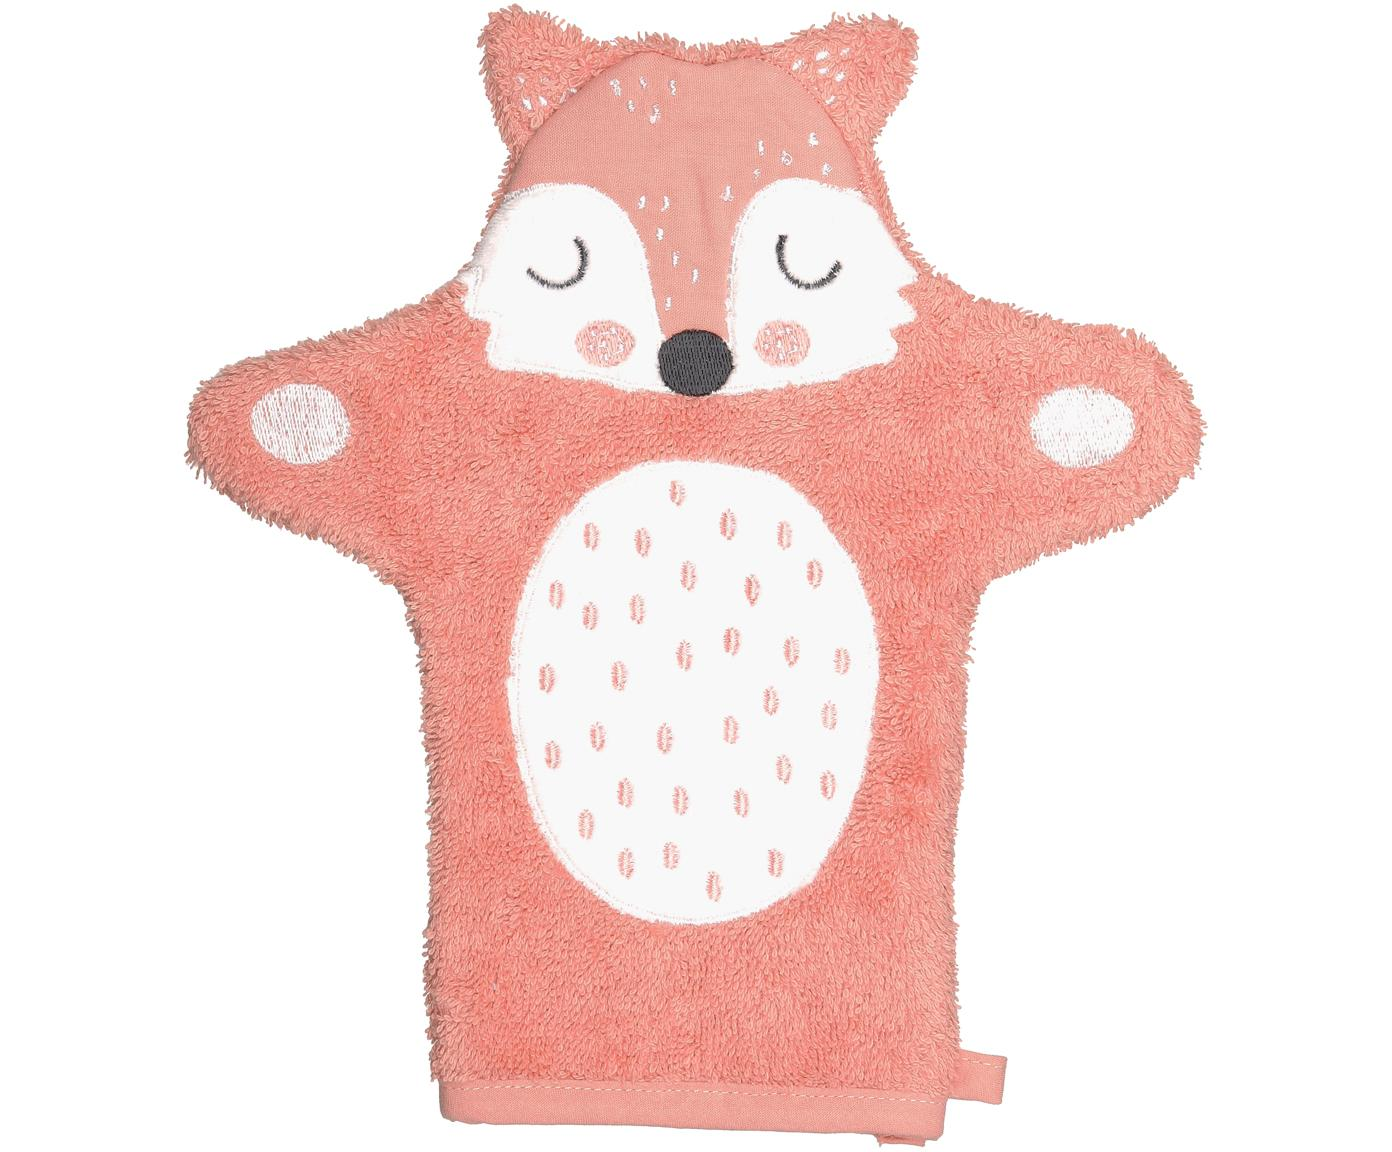 Guanto per bagnetto in cotone organico Fox Frida, Cotone organico, certificato GOTS, Rosa, bianco, nero, Larg. 21 x Lung. 26 cm